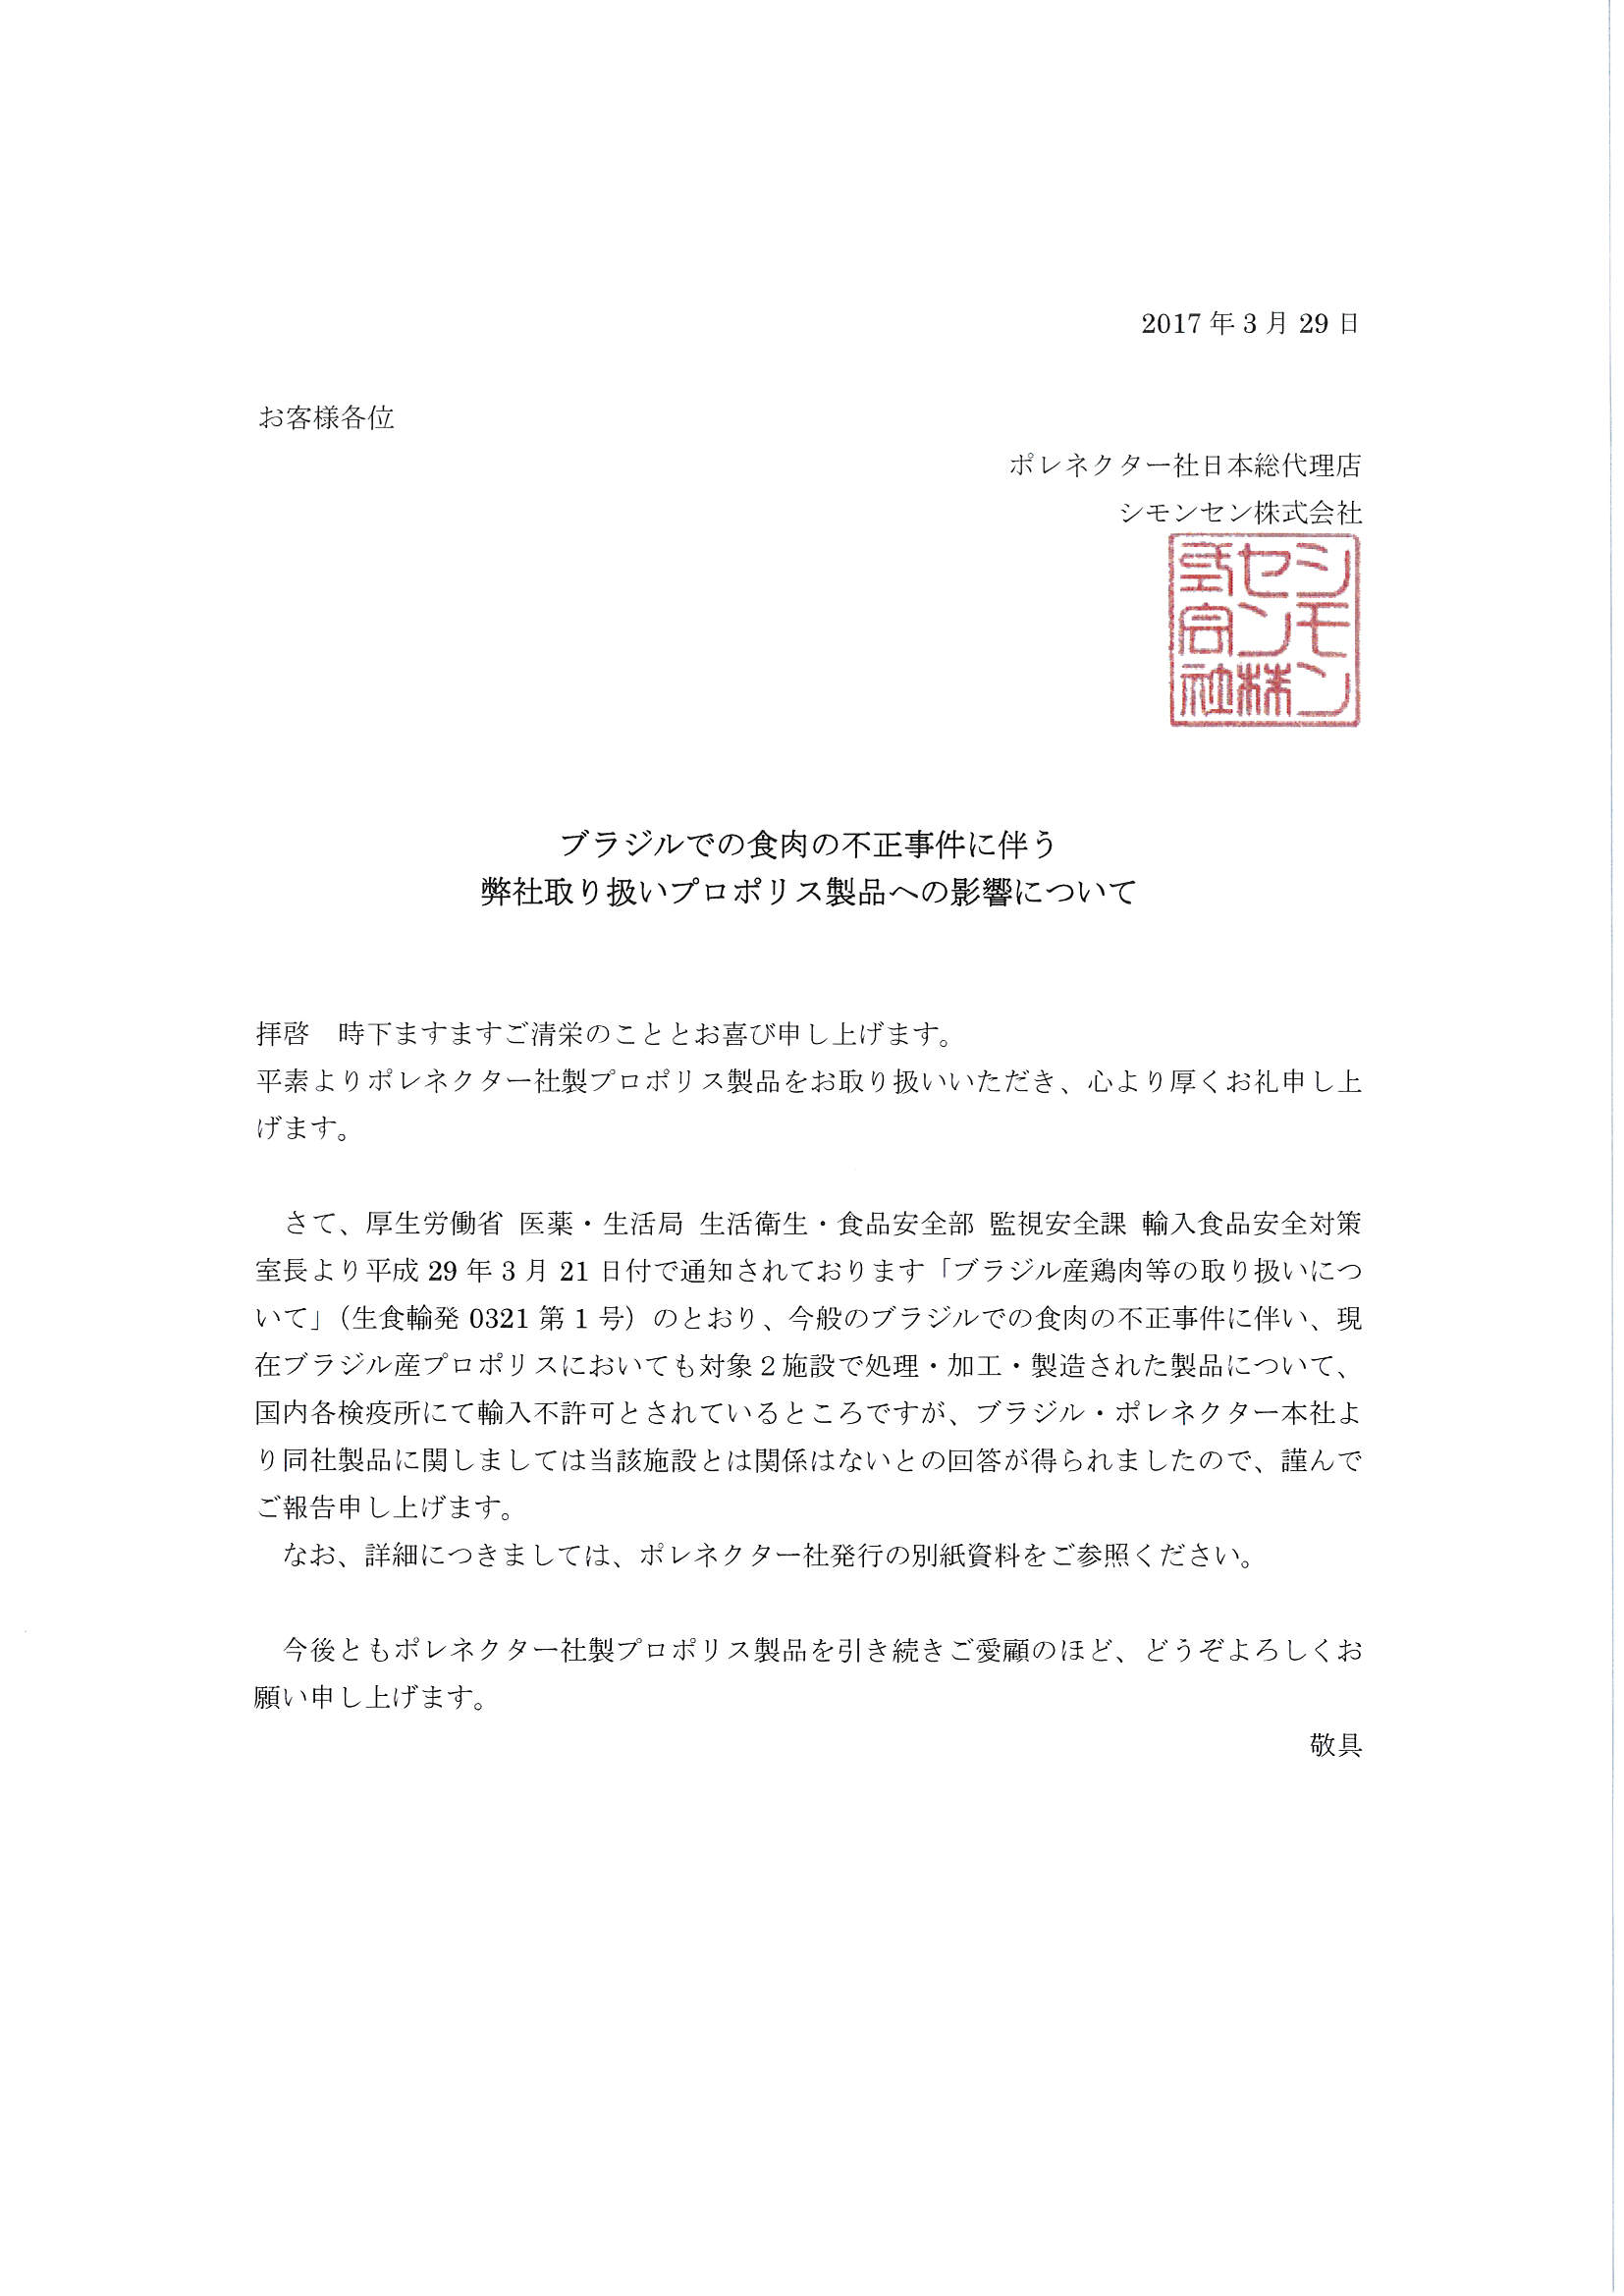 食肉不正に関する回答(シモンセン株式会社)